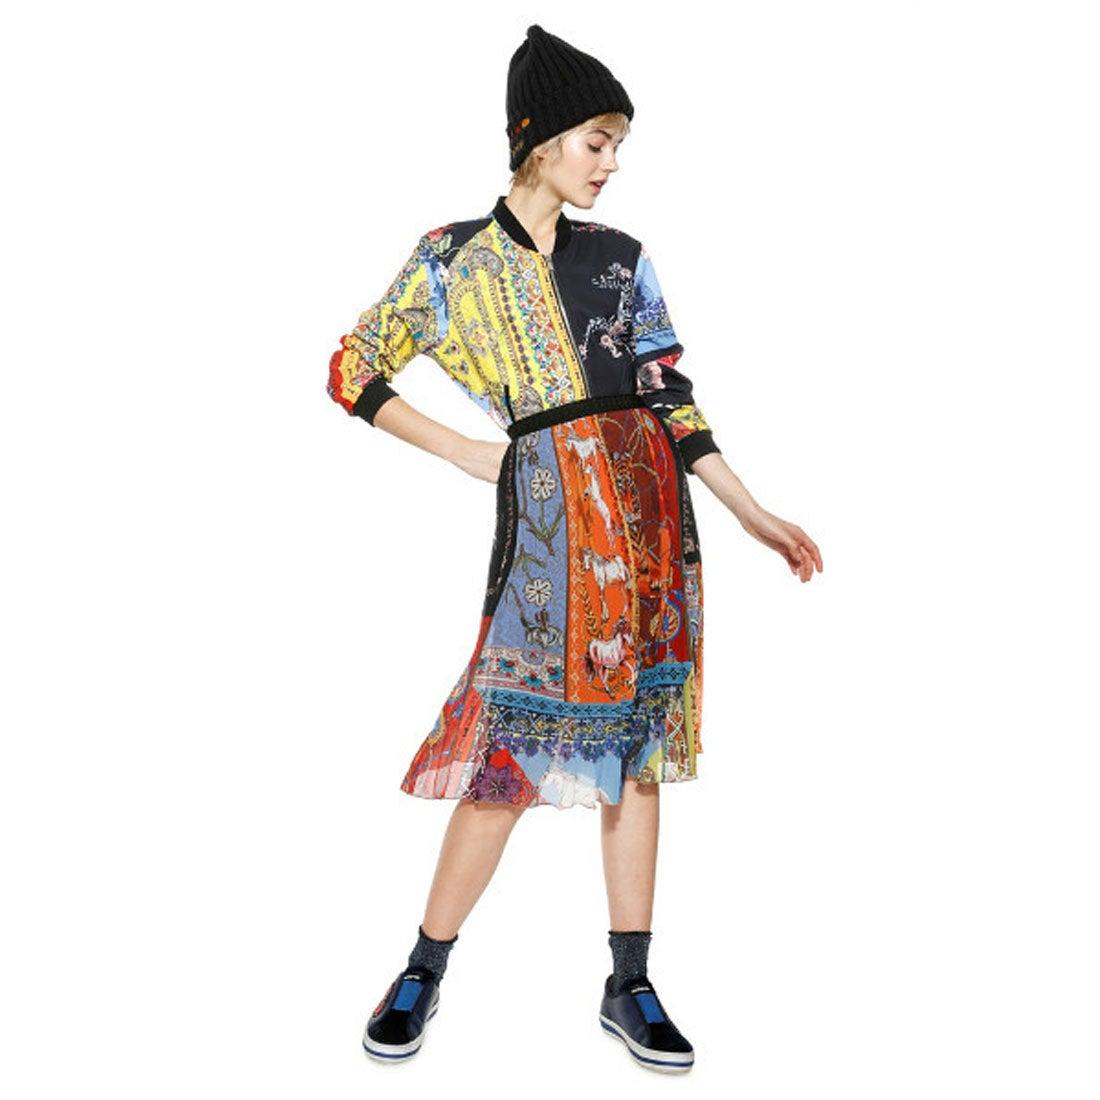 デシグアル Desigual スカーフ柄プリント膝丈プリーツスカート (マルチカラー)